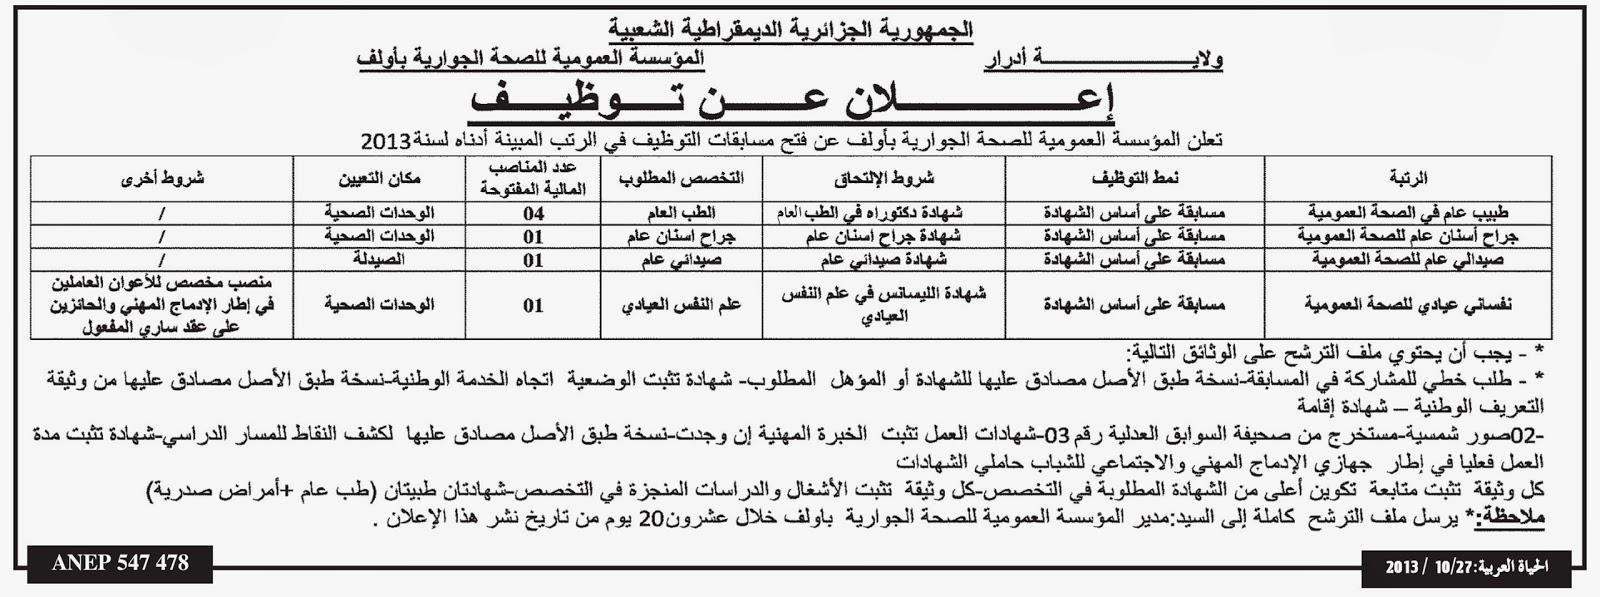 التوظيف في الجزائر : مسابقات توظيف في المؤسسة العمومية للصحة الجوارية  %D8%AC%D8%AF%D9%8A%D8%AF+%D8%A7%D9%84%D9%88%D8%B8%D9%8A%D9%81%D8%A9+%D8%A7%D9%84%D8%B9%D9%85%D9%88%D9%85%D9%8A%D8%A9+%D9%81%D9%8A+%D8%A3%D8%AF%D8%B1%D8%A7%D8%B1+2013